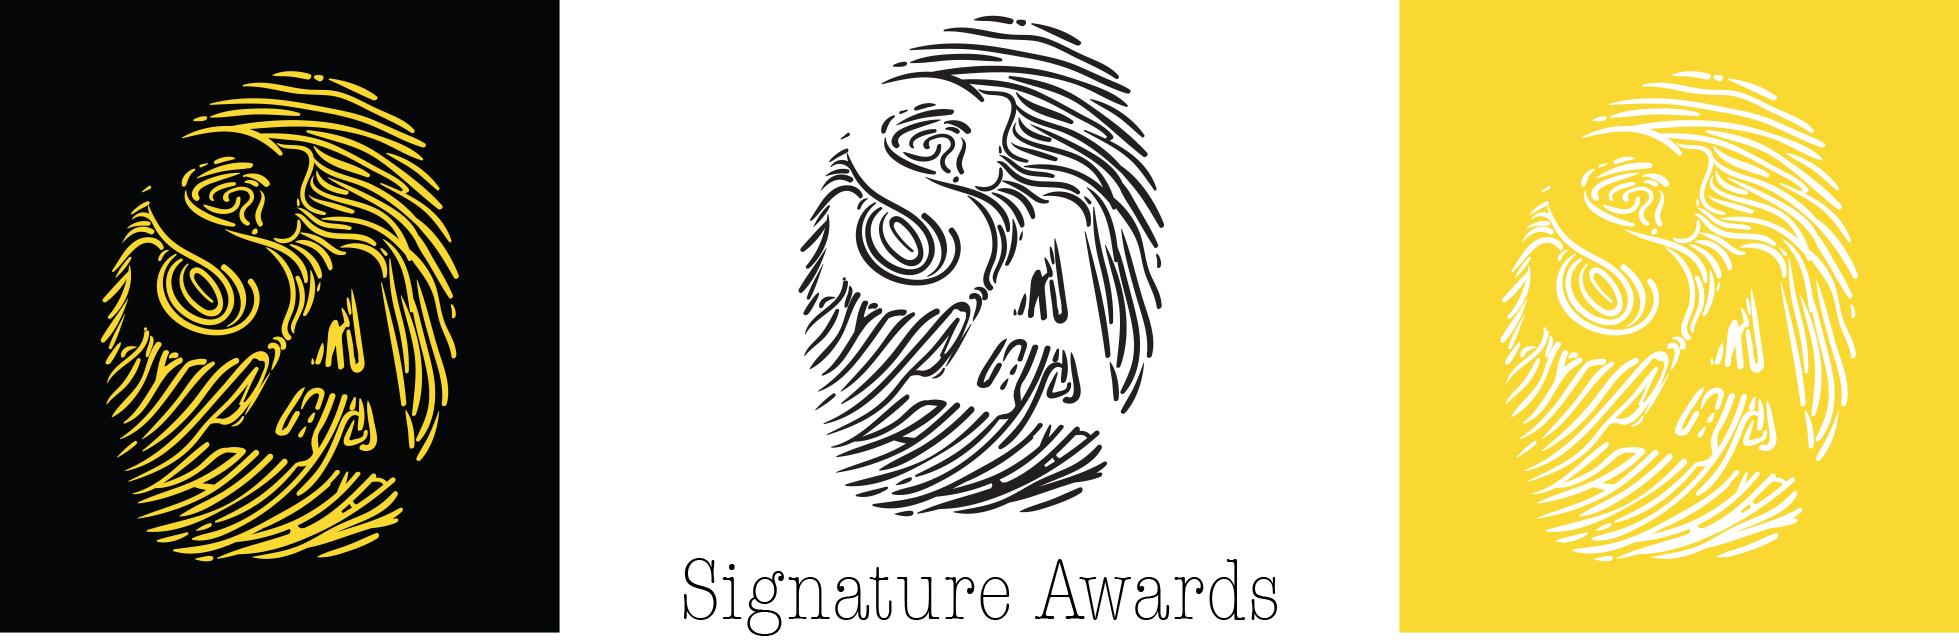 sigs_logos.jpg